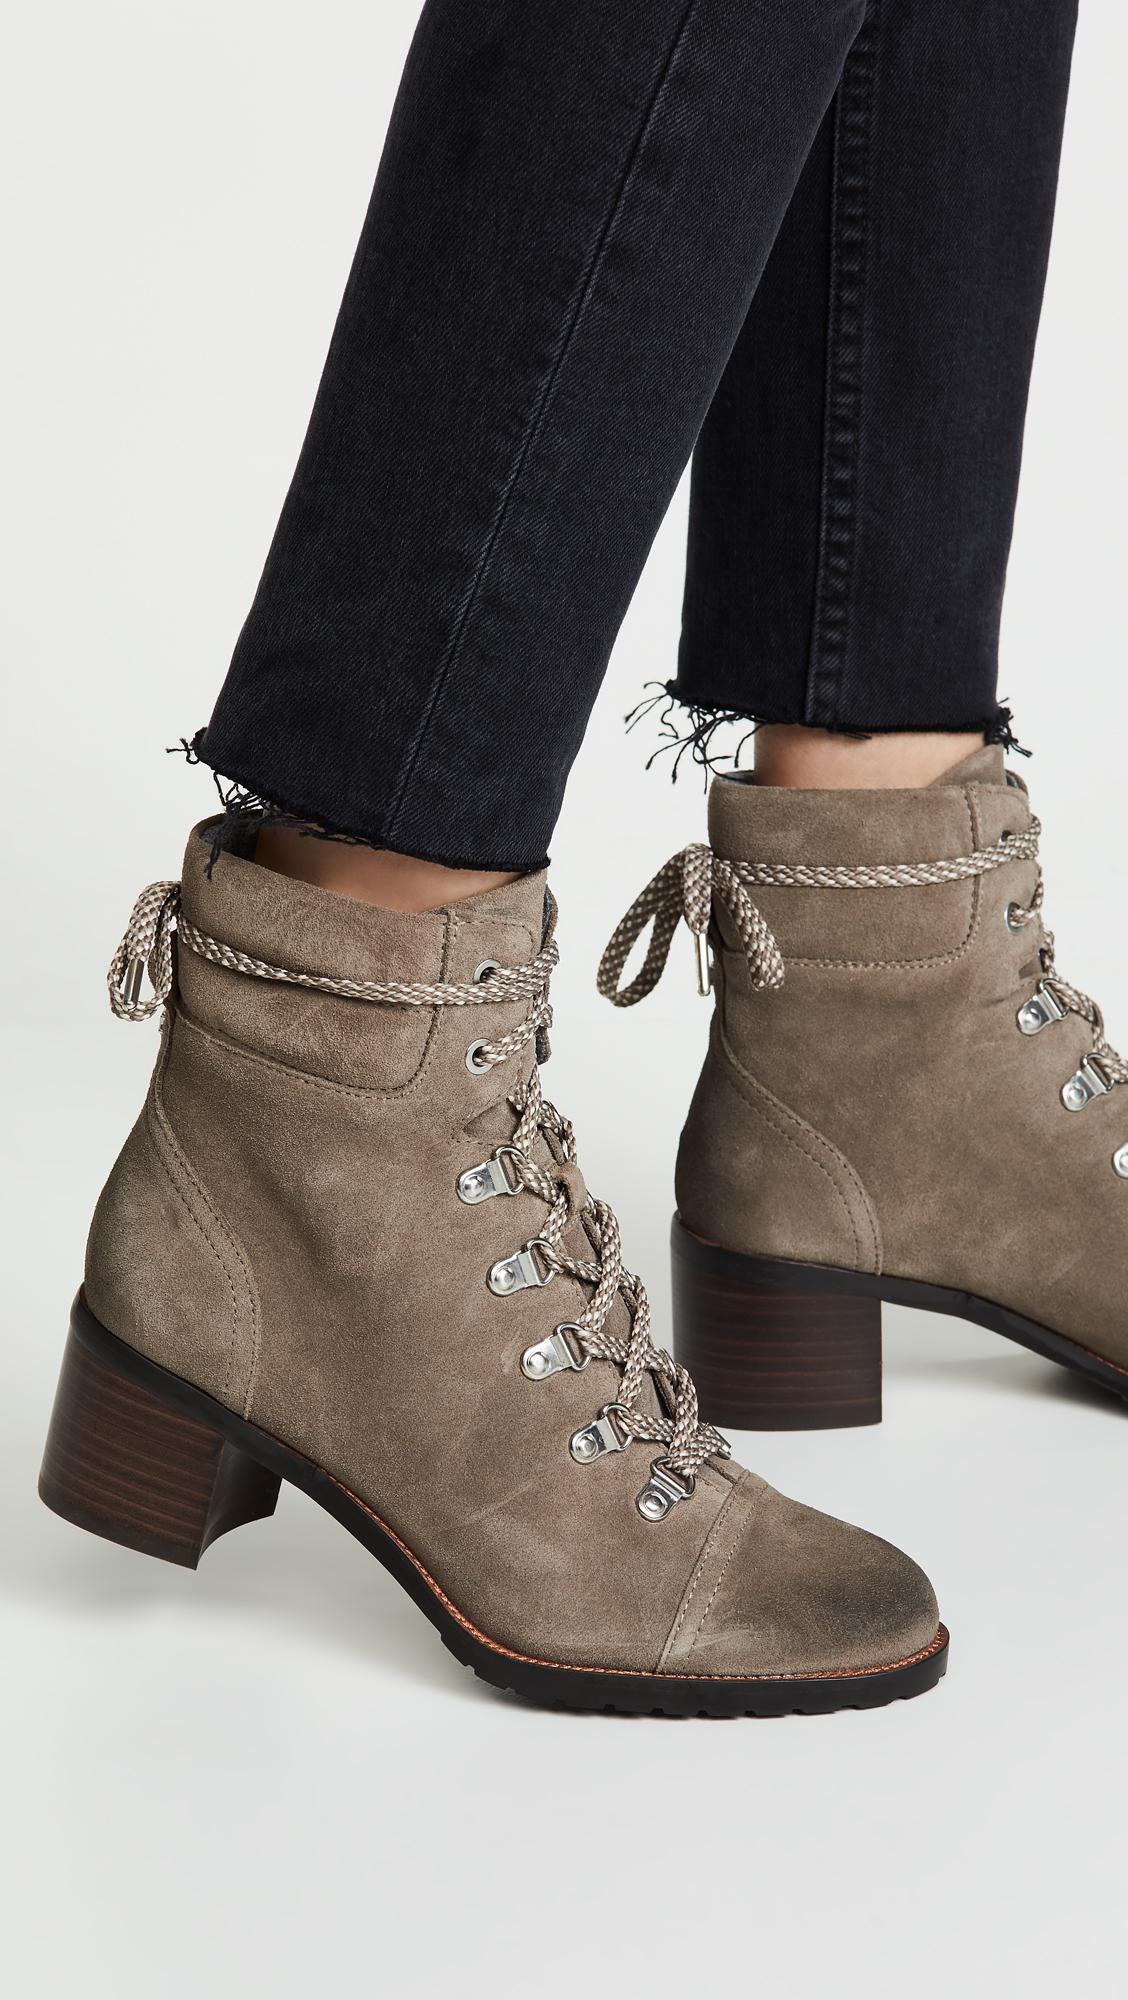 ce4d5a3f31b Women's Gray Manchester Boots